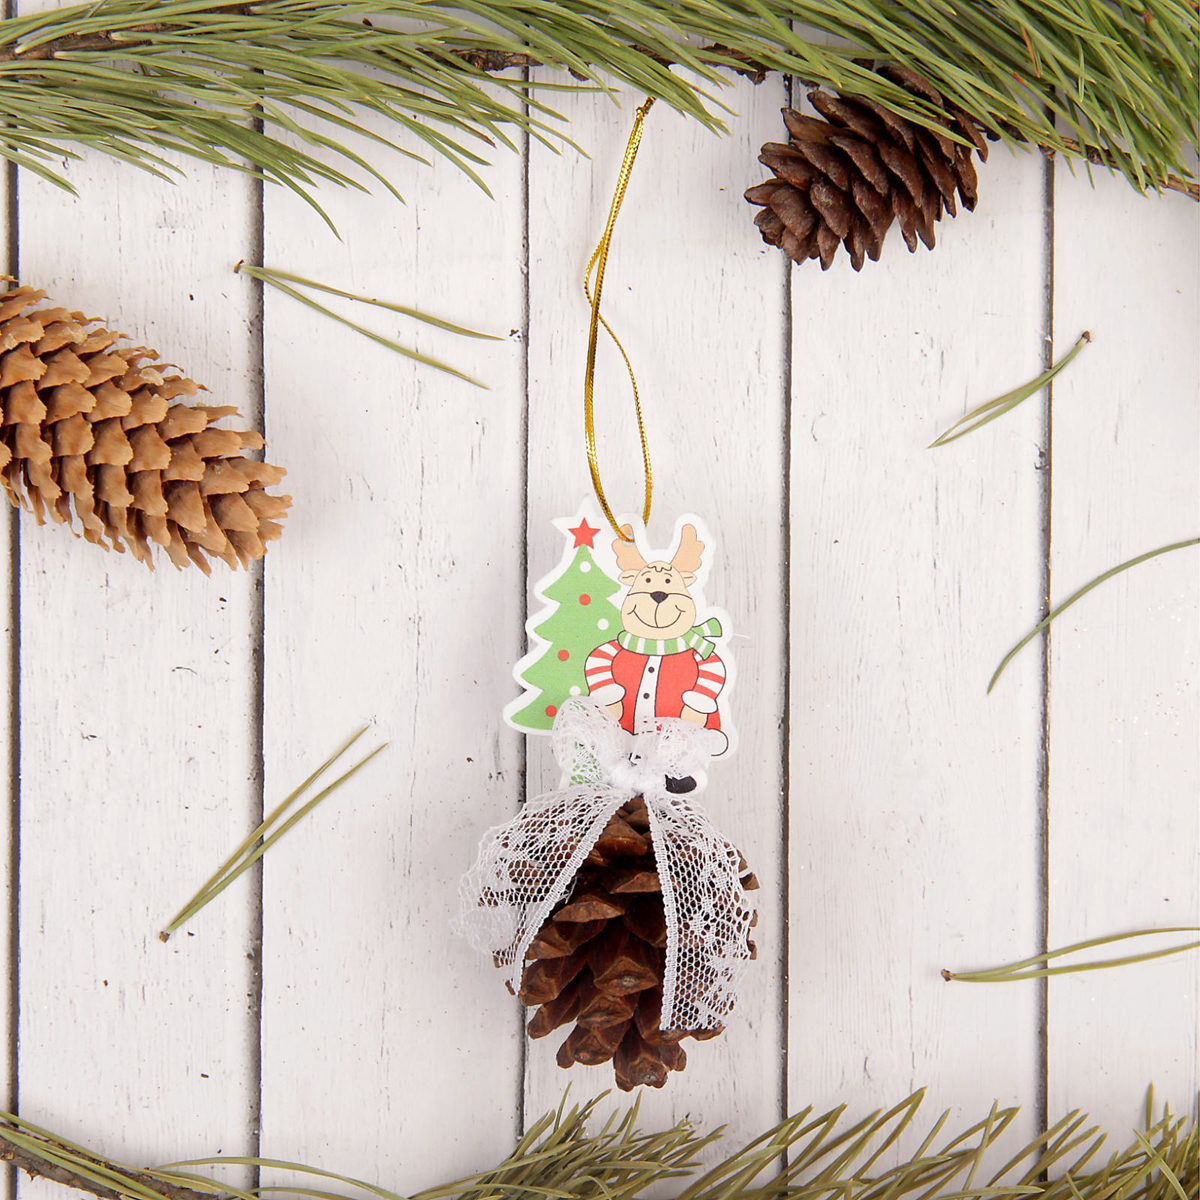 Украшение новогоднее подвесное Sima-land Олень, с шишкой, 10 см х 4,5 см х 4,5 см свеча ароматизированная sima land лимон на подставке высота 6 см